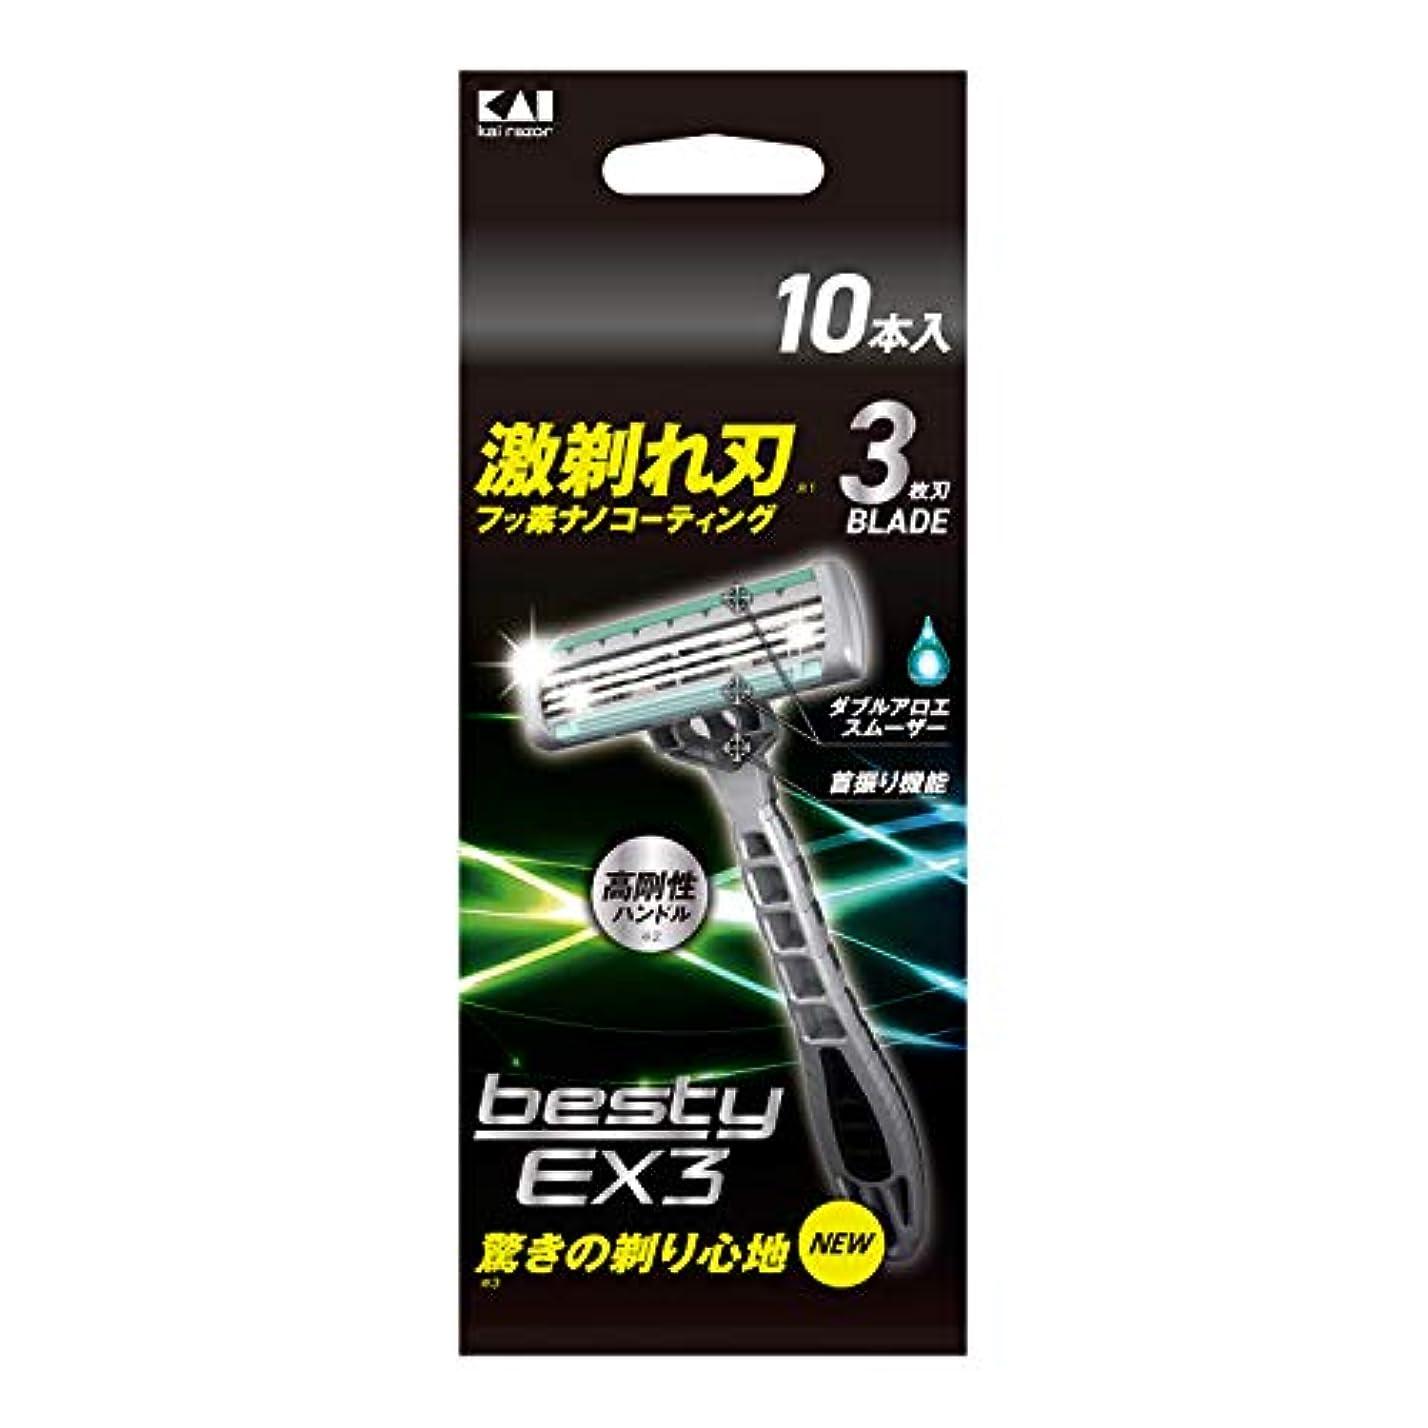 盗難テーブル男bestyEX3 10本入